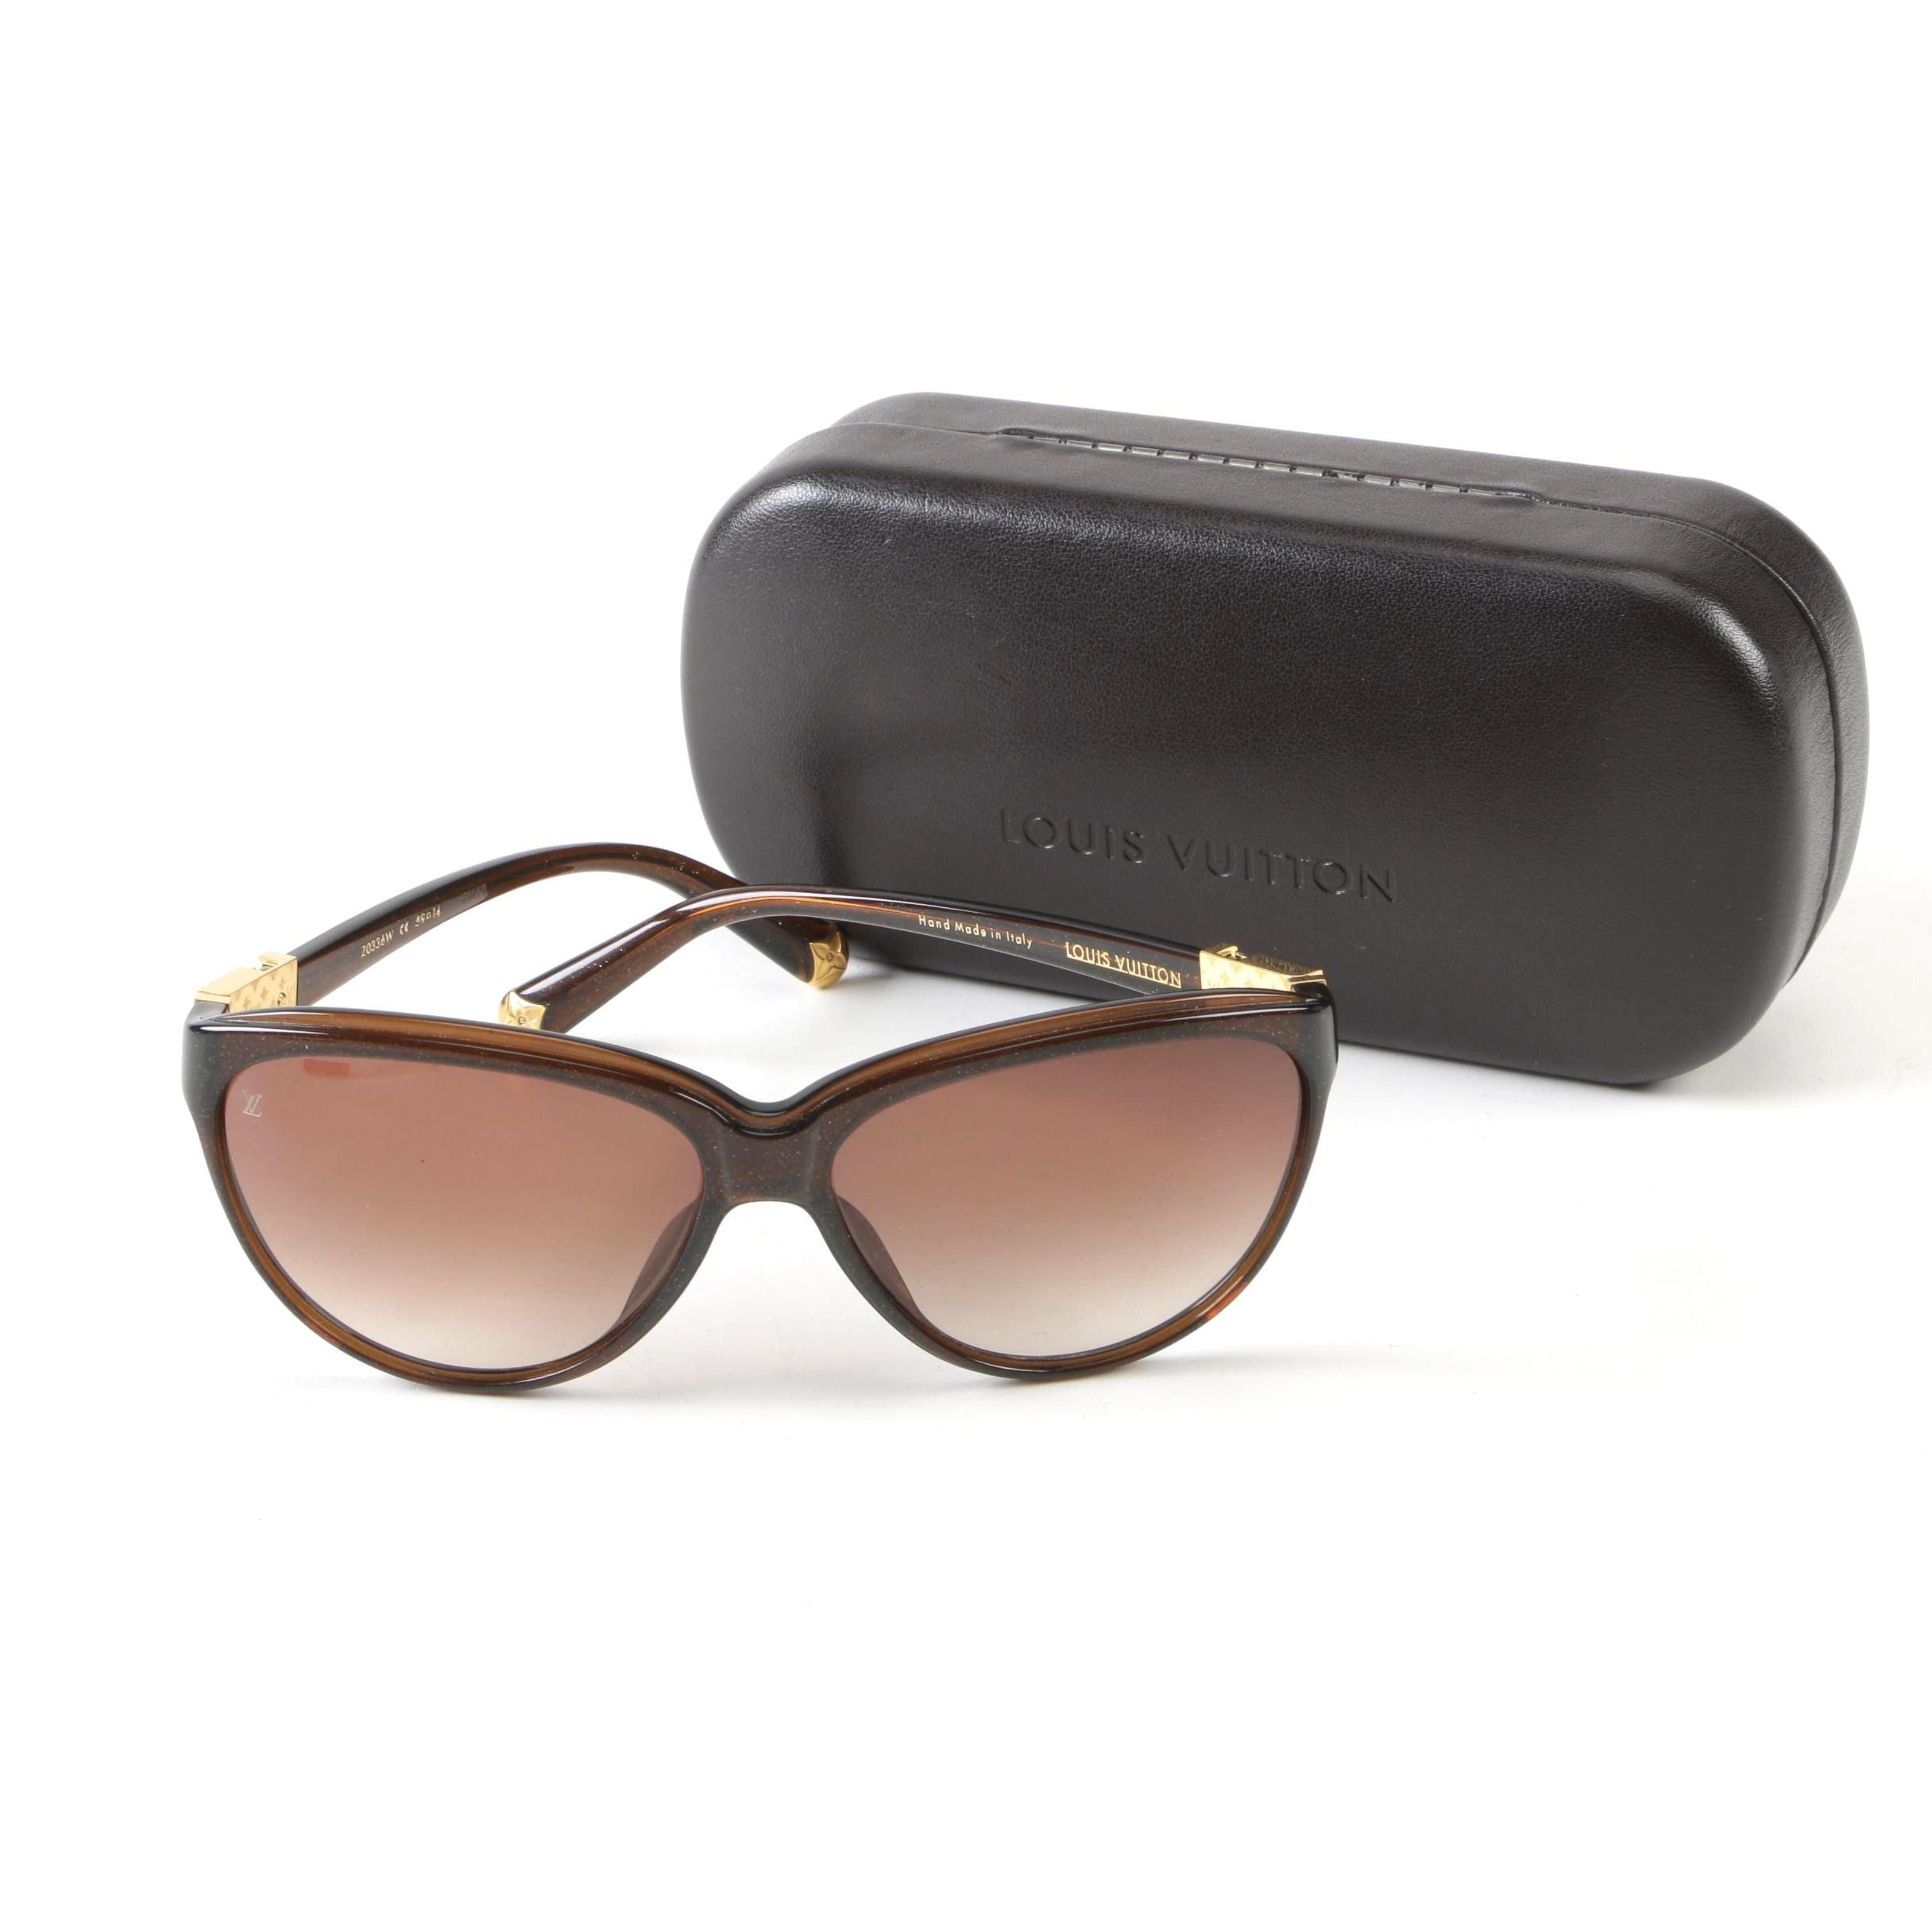 Louis Vuitton Paris Z0336W Glitter Brown Sunglasses with Case, 2012